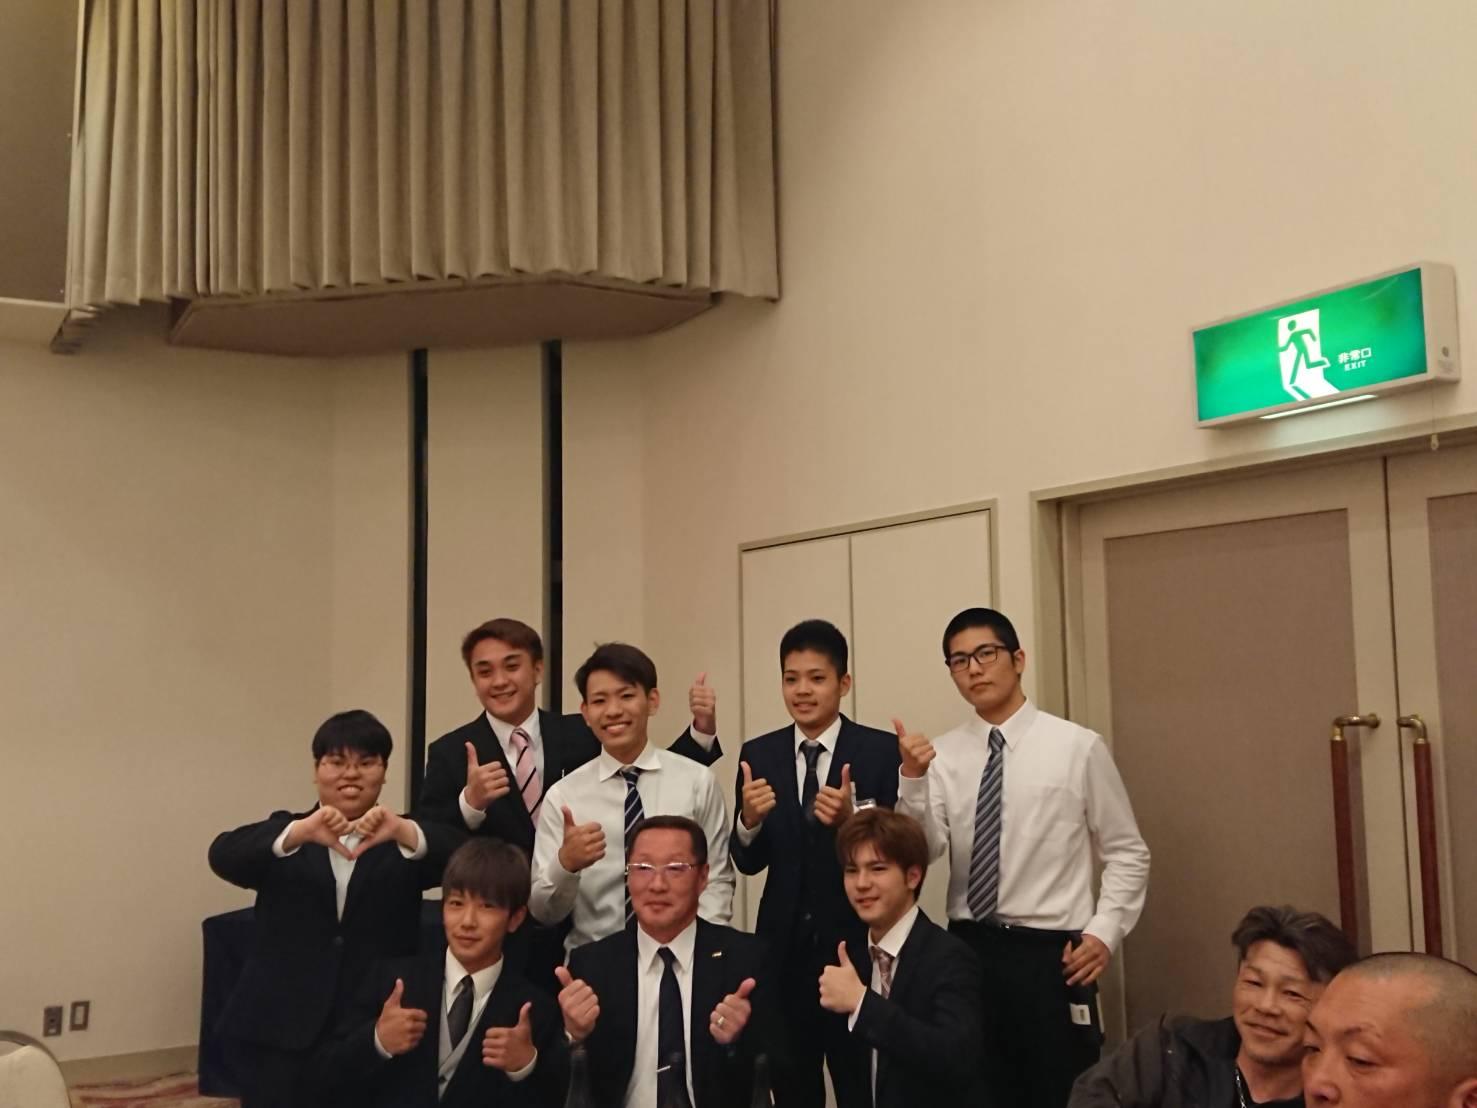 2019年度社員大会開催!!!